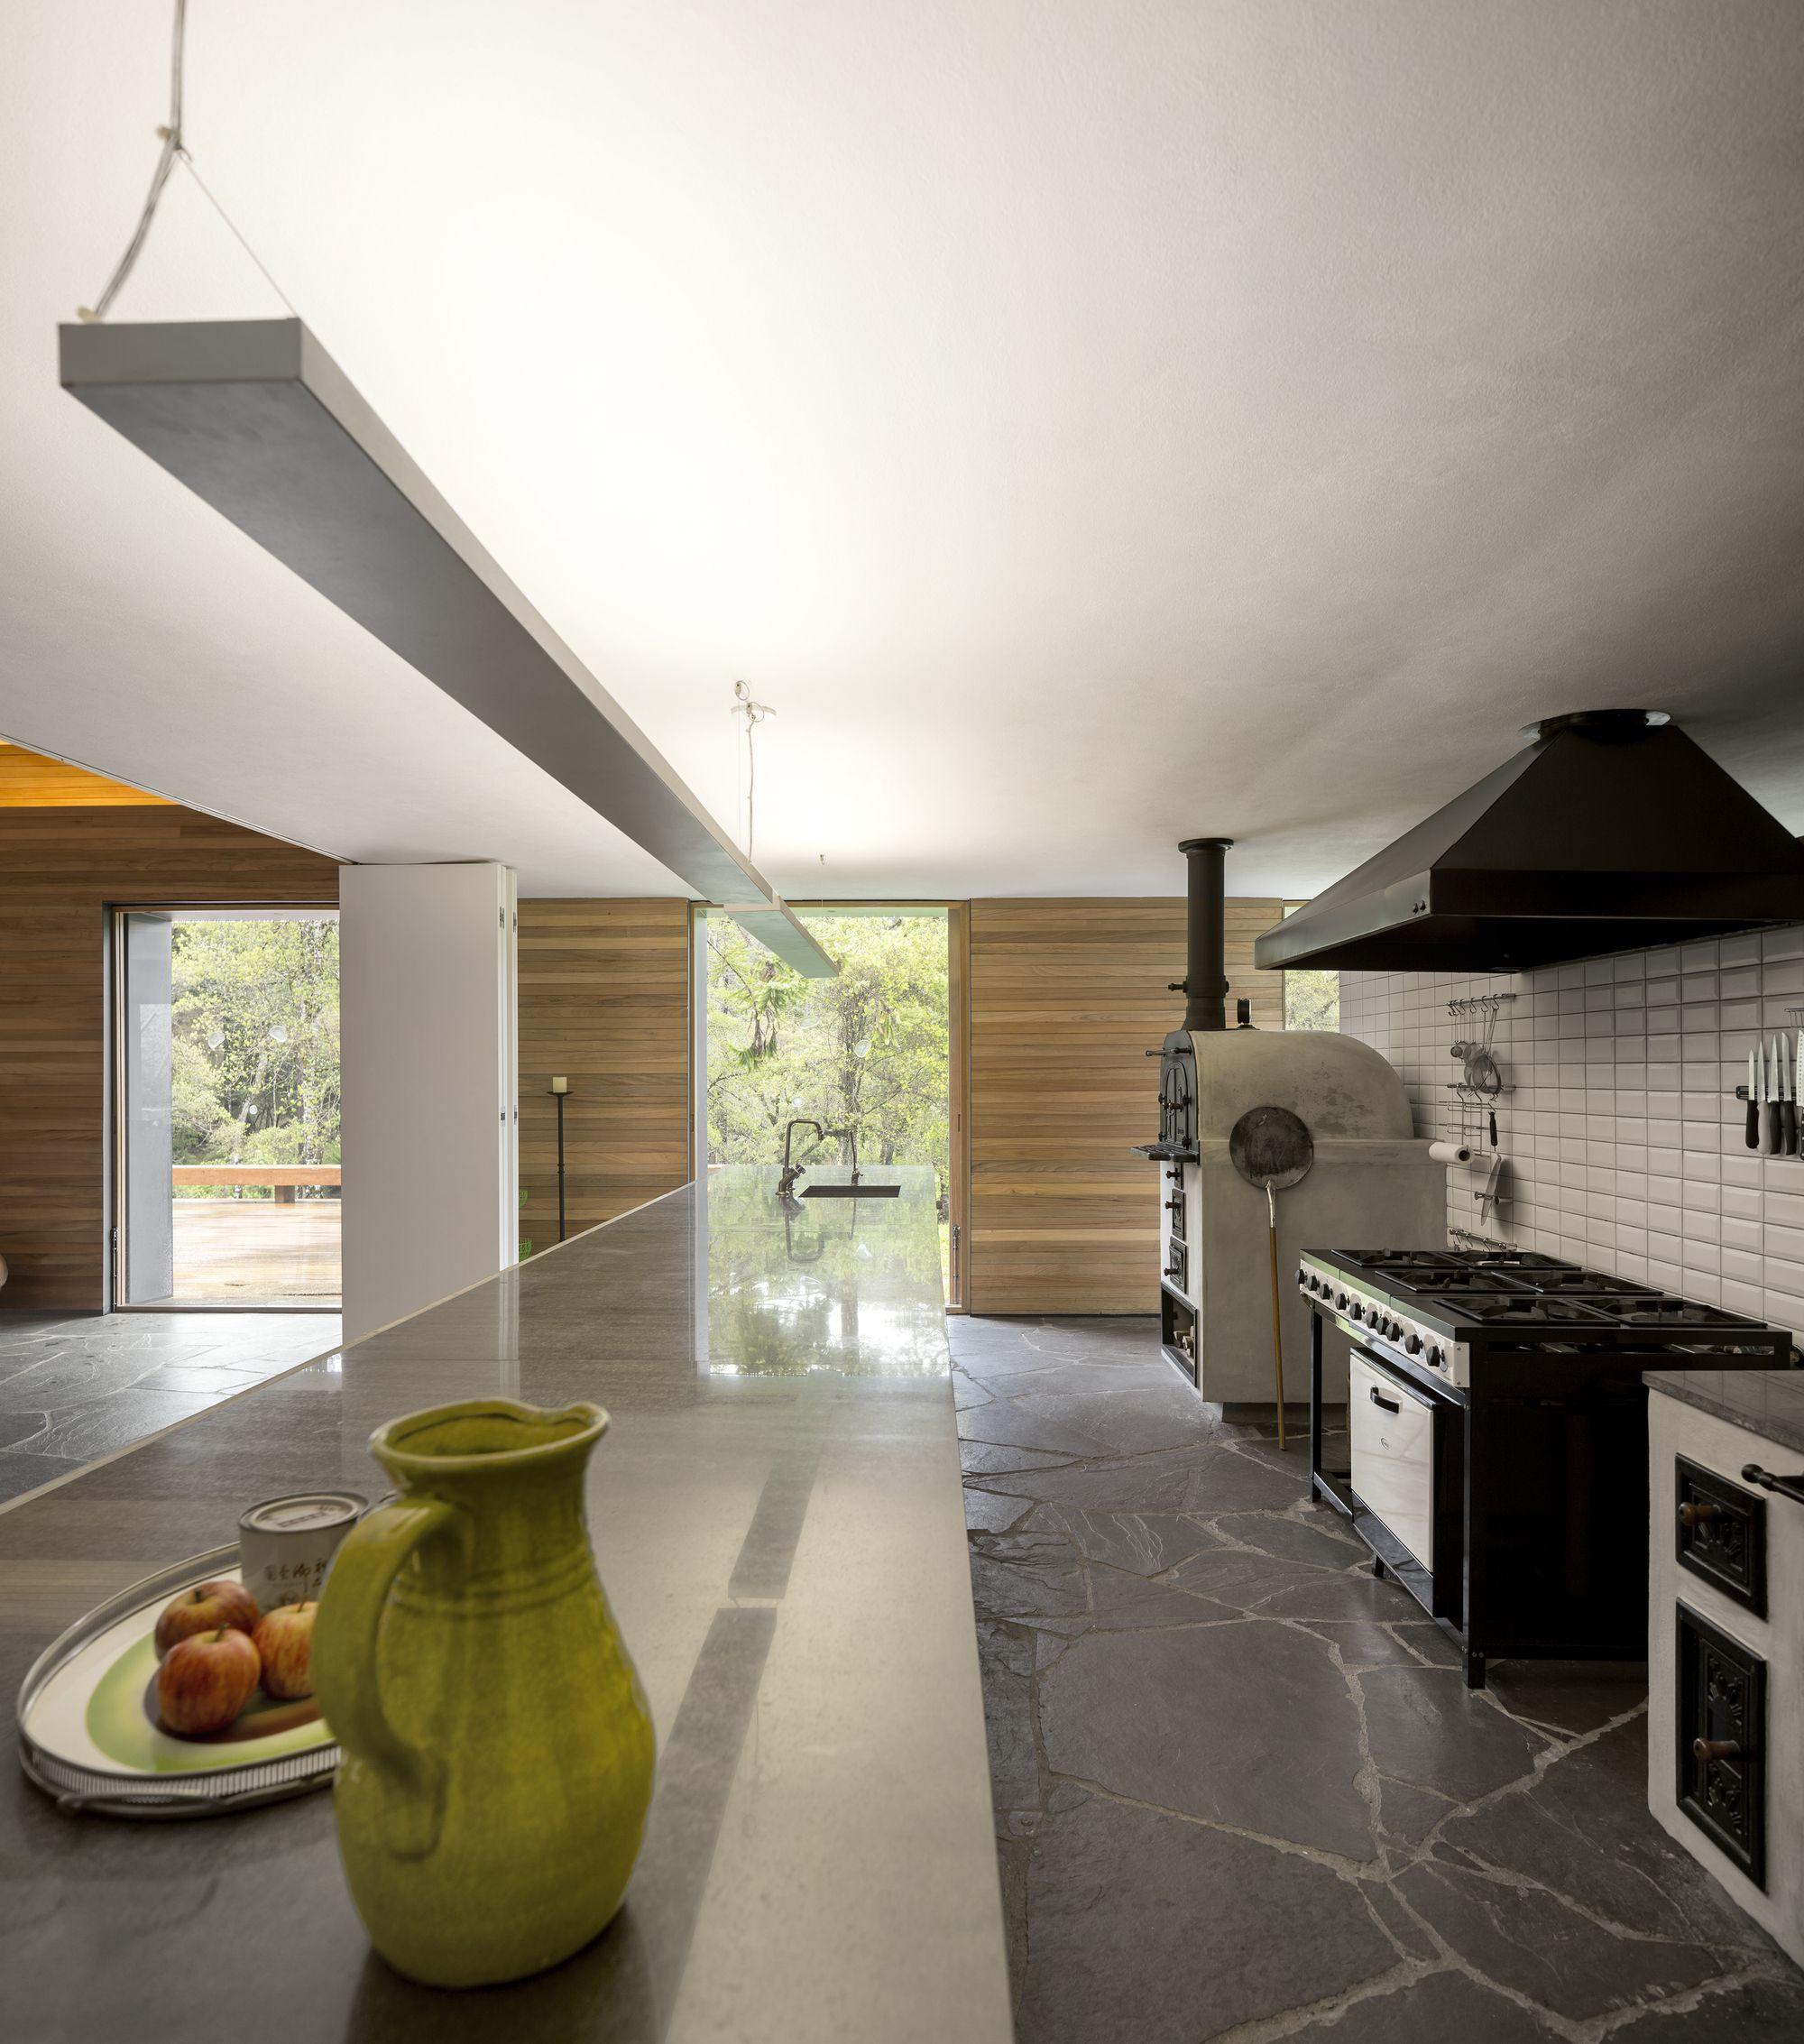 Galería de Casa Mororó / Studio MK27 - Marcio Kogan + Maria Cristina ...